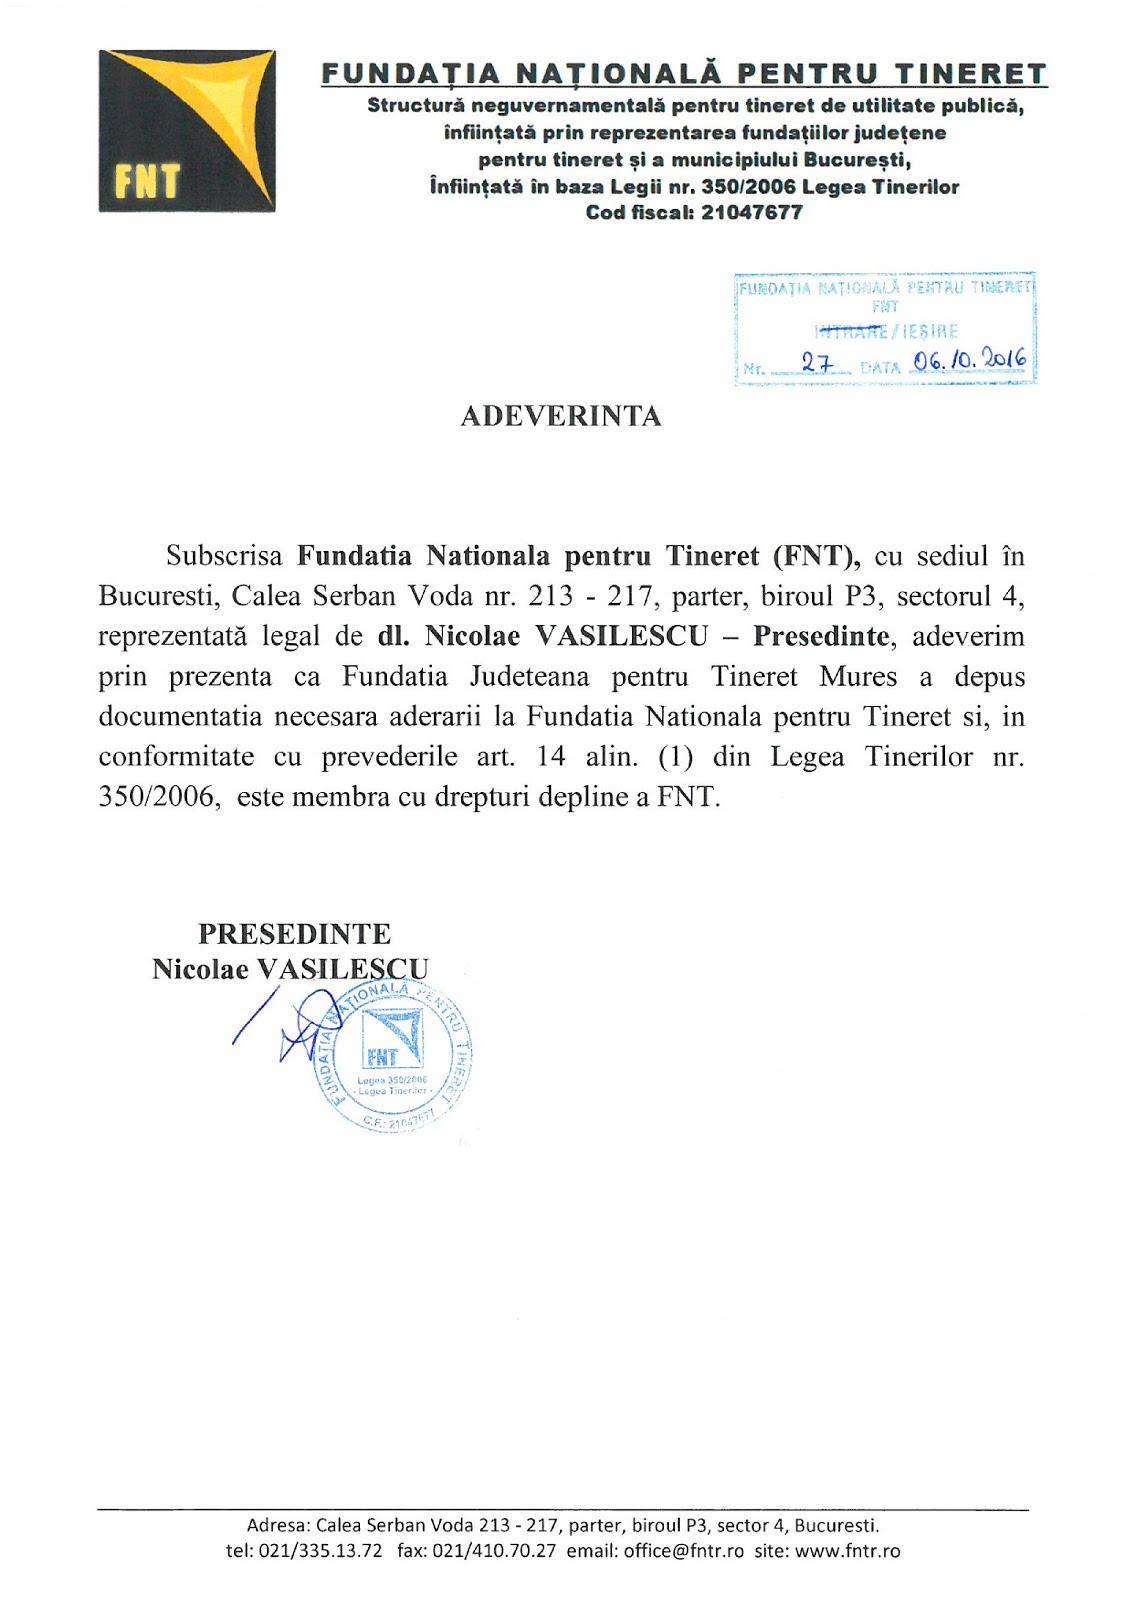 Fundatia Judeteana pt Tineret Mures (FJTMS) persoana juridica de utilitate publica.